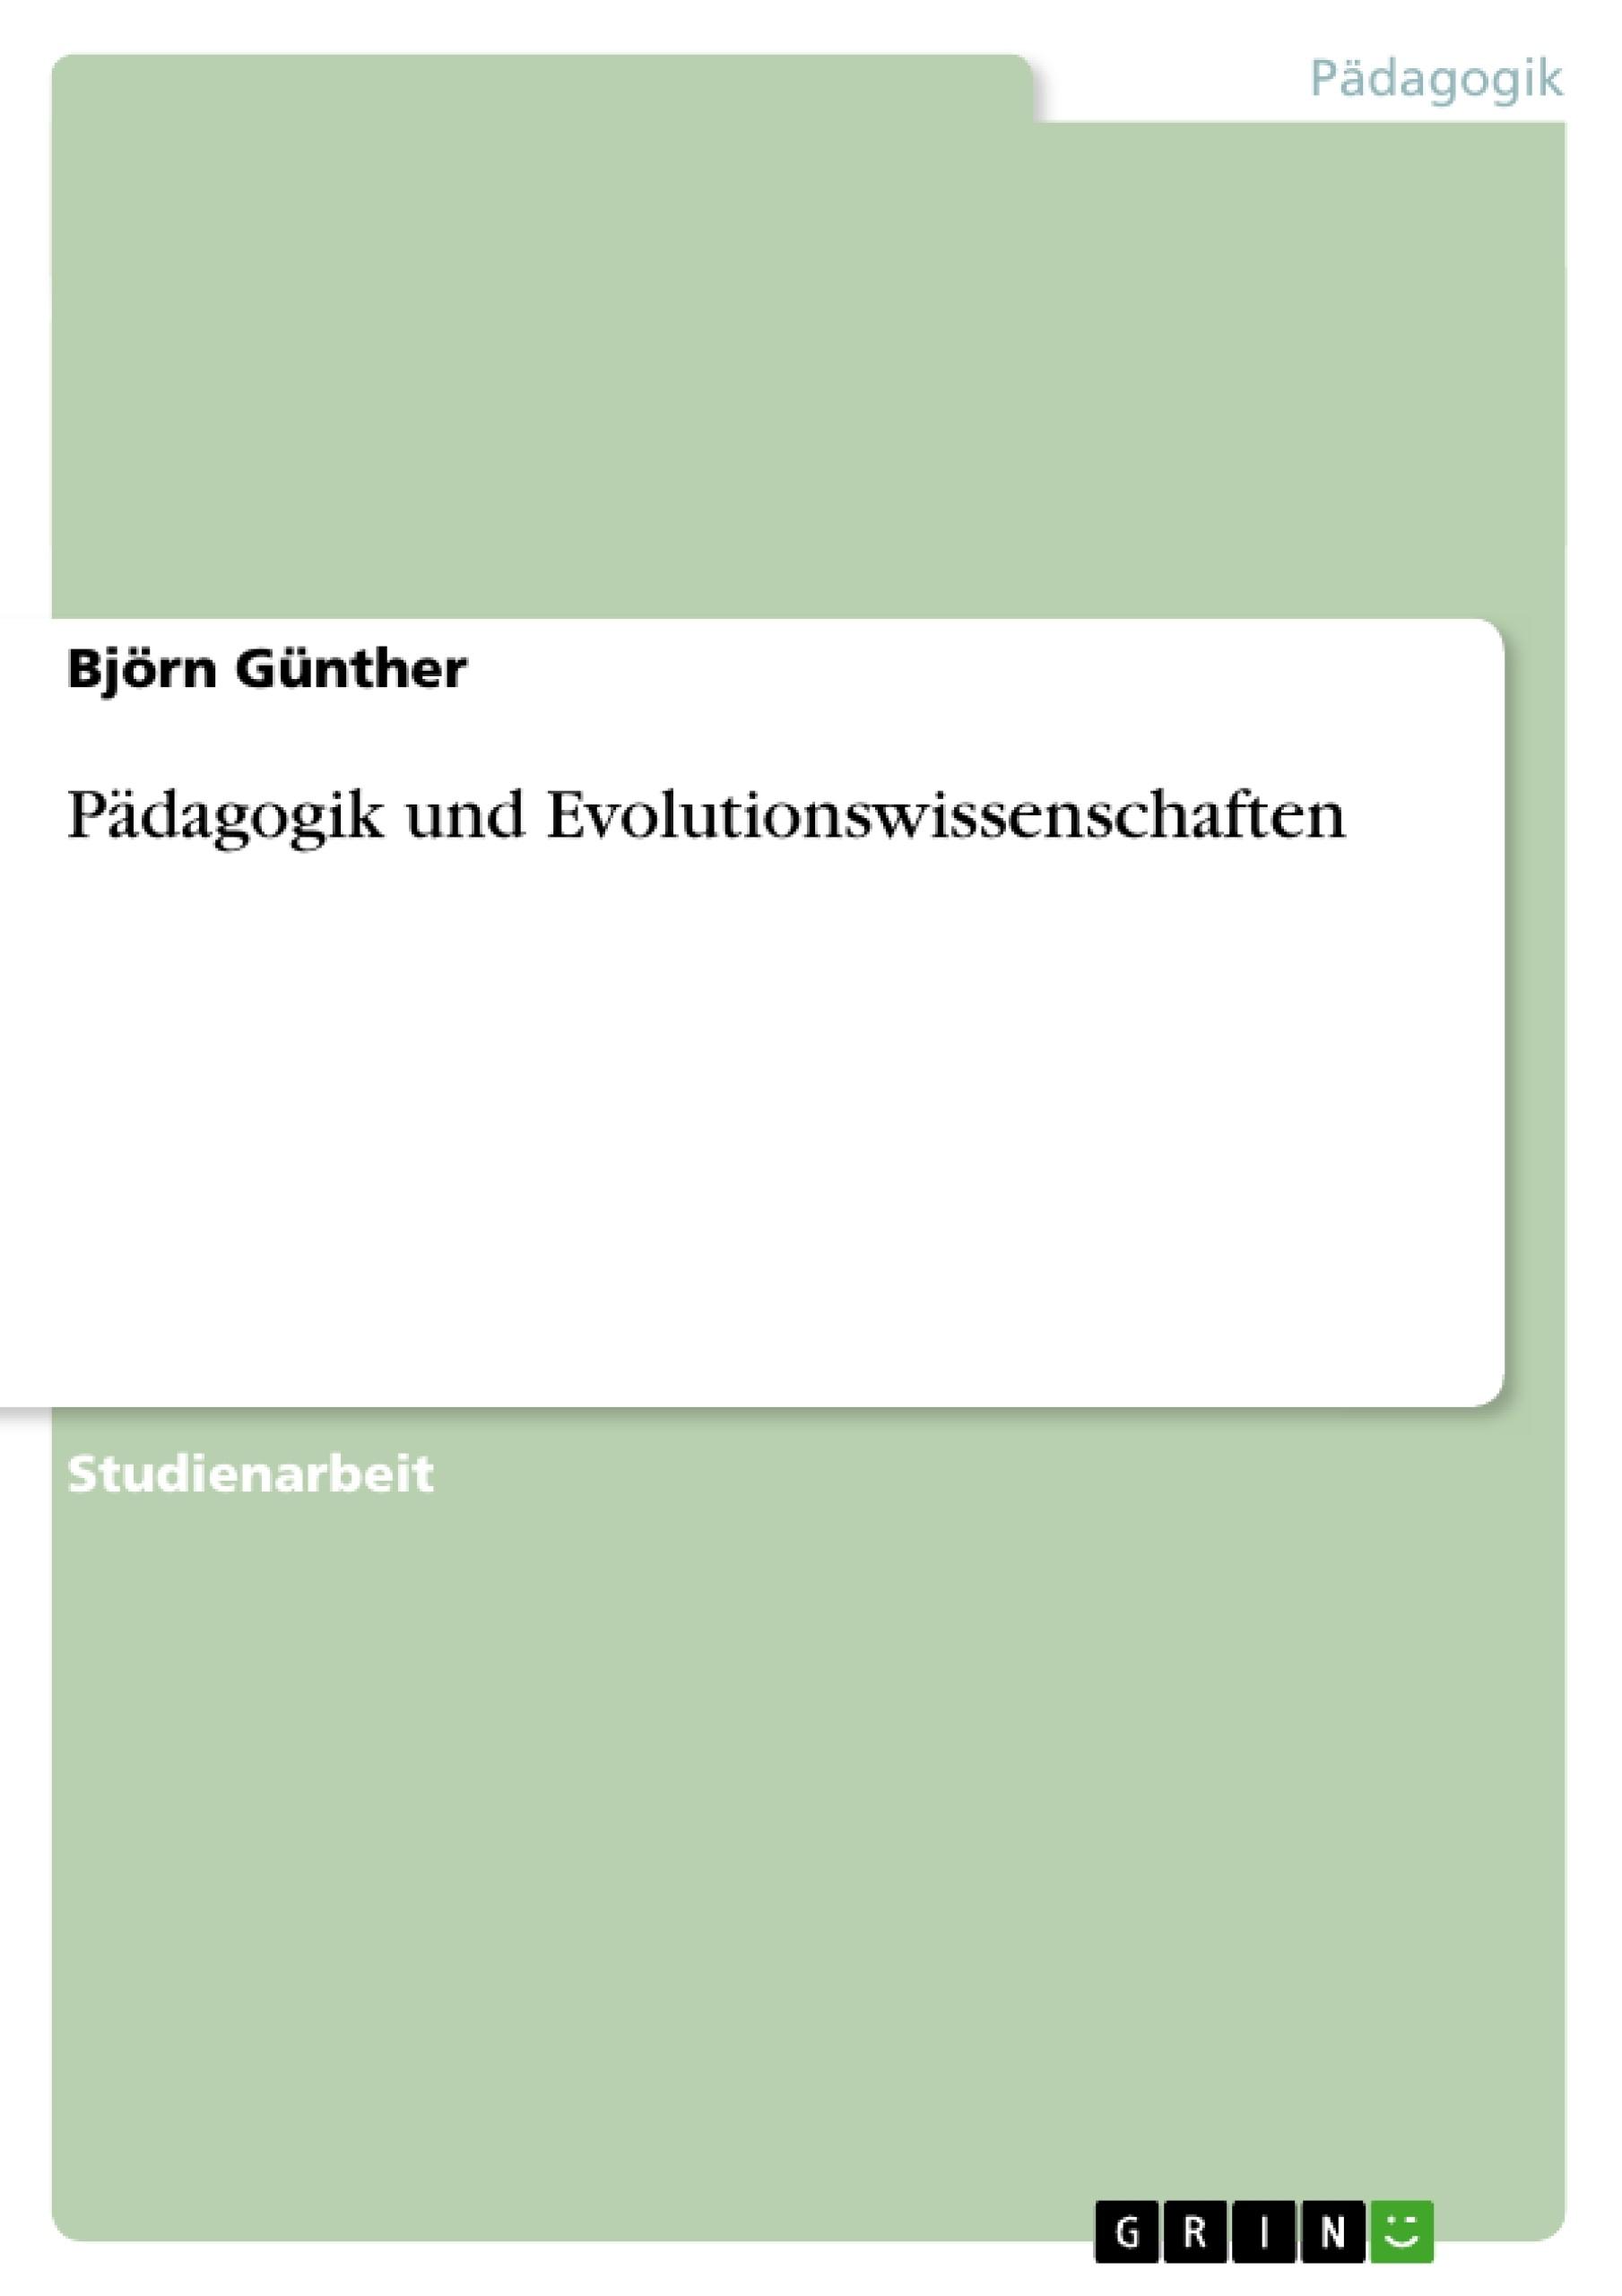 Titel: Pädagogik und Evolutionswissenschaften